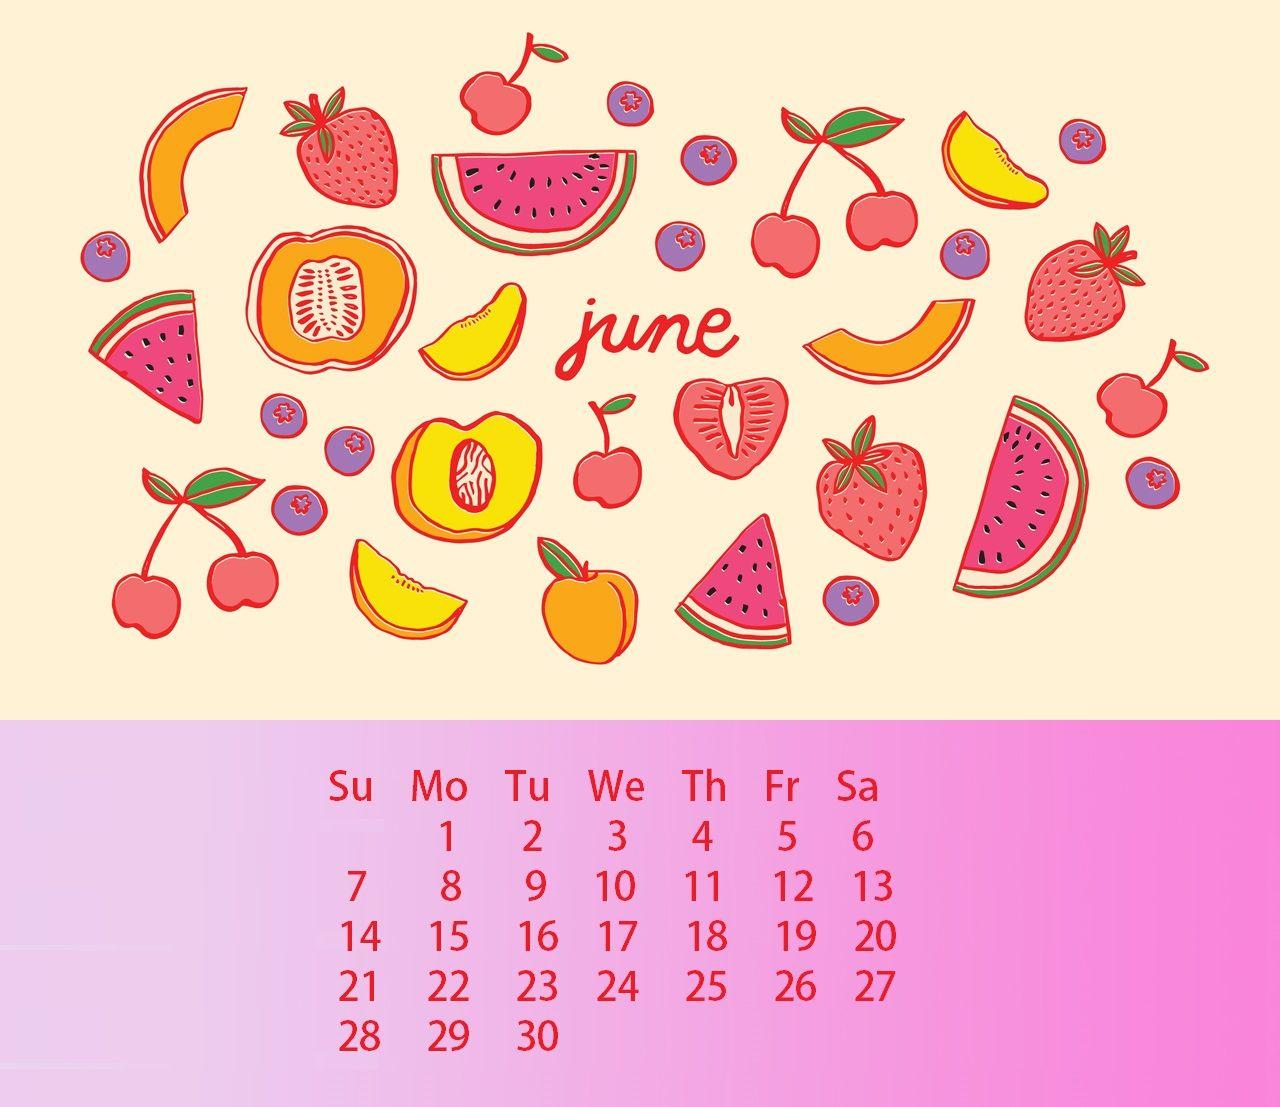 Waterproof June 2020 Calendar Wallpaper For Desktop Iphone ...